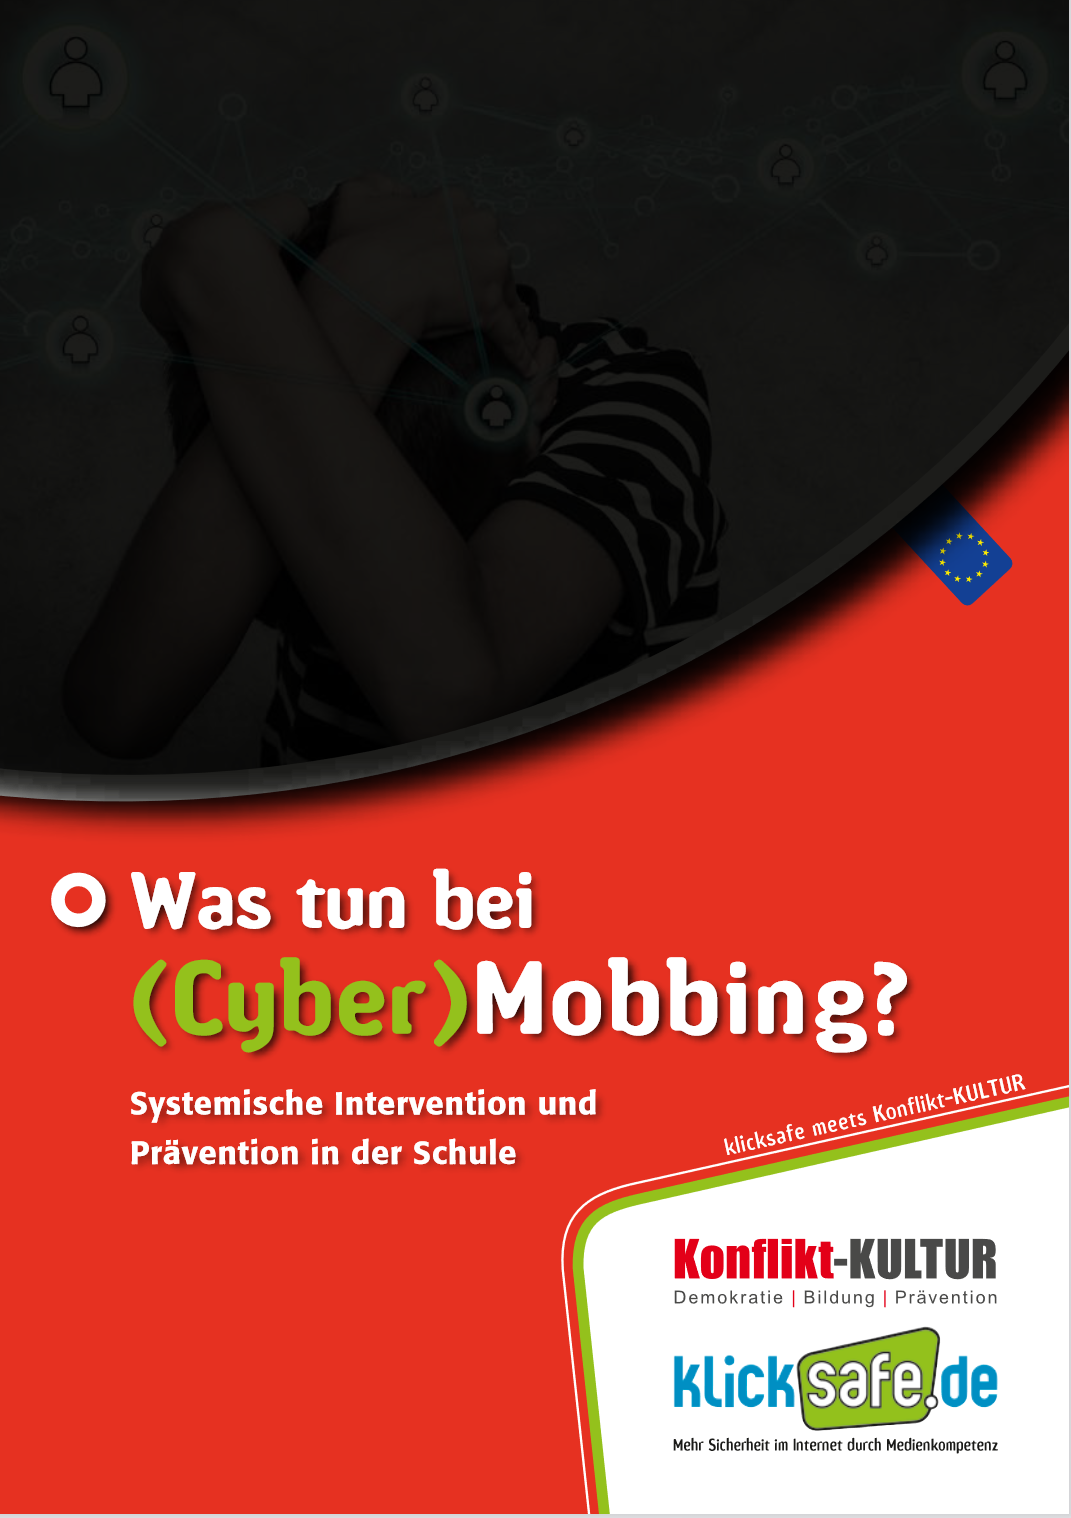 Preview image for LOM object Cyber-Mobbing - Unterrichtsmaterialien und Informationen auf klicksafe.de